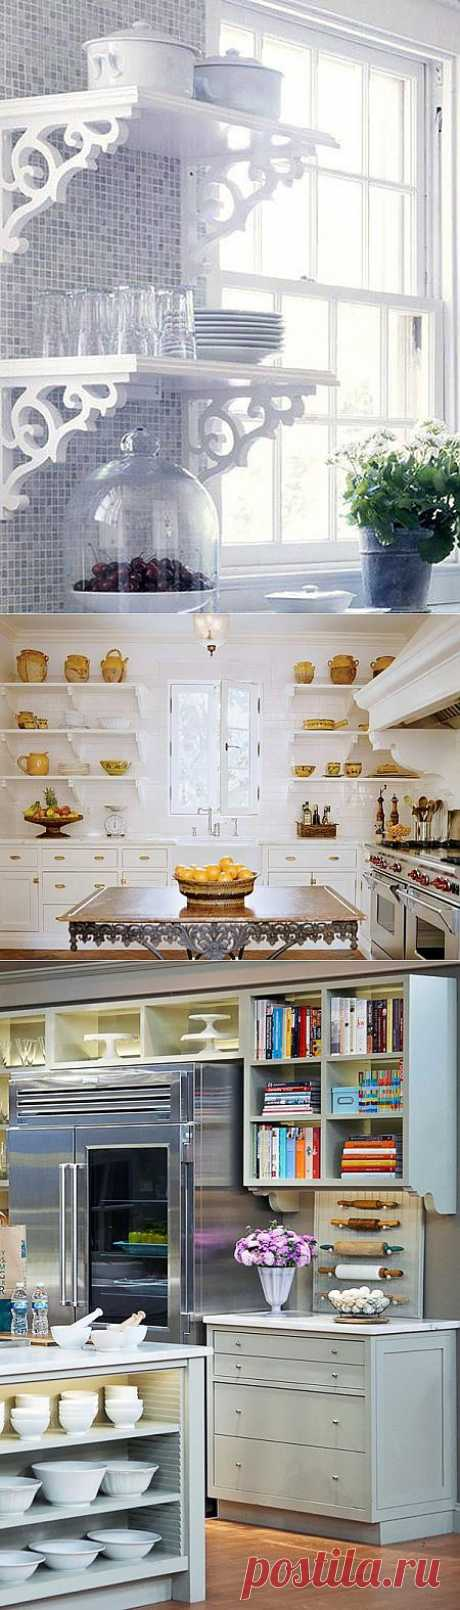 Такие разные, но милые: открытые полки на кухне | Наш уютный дом